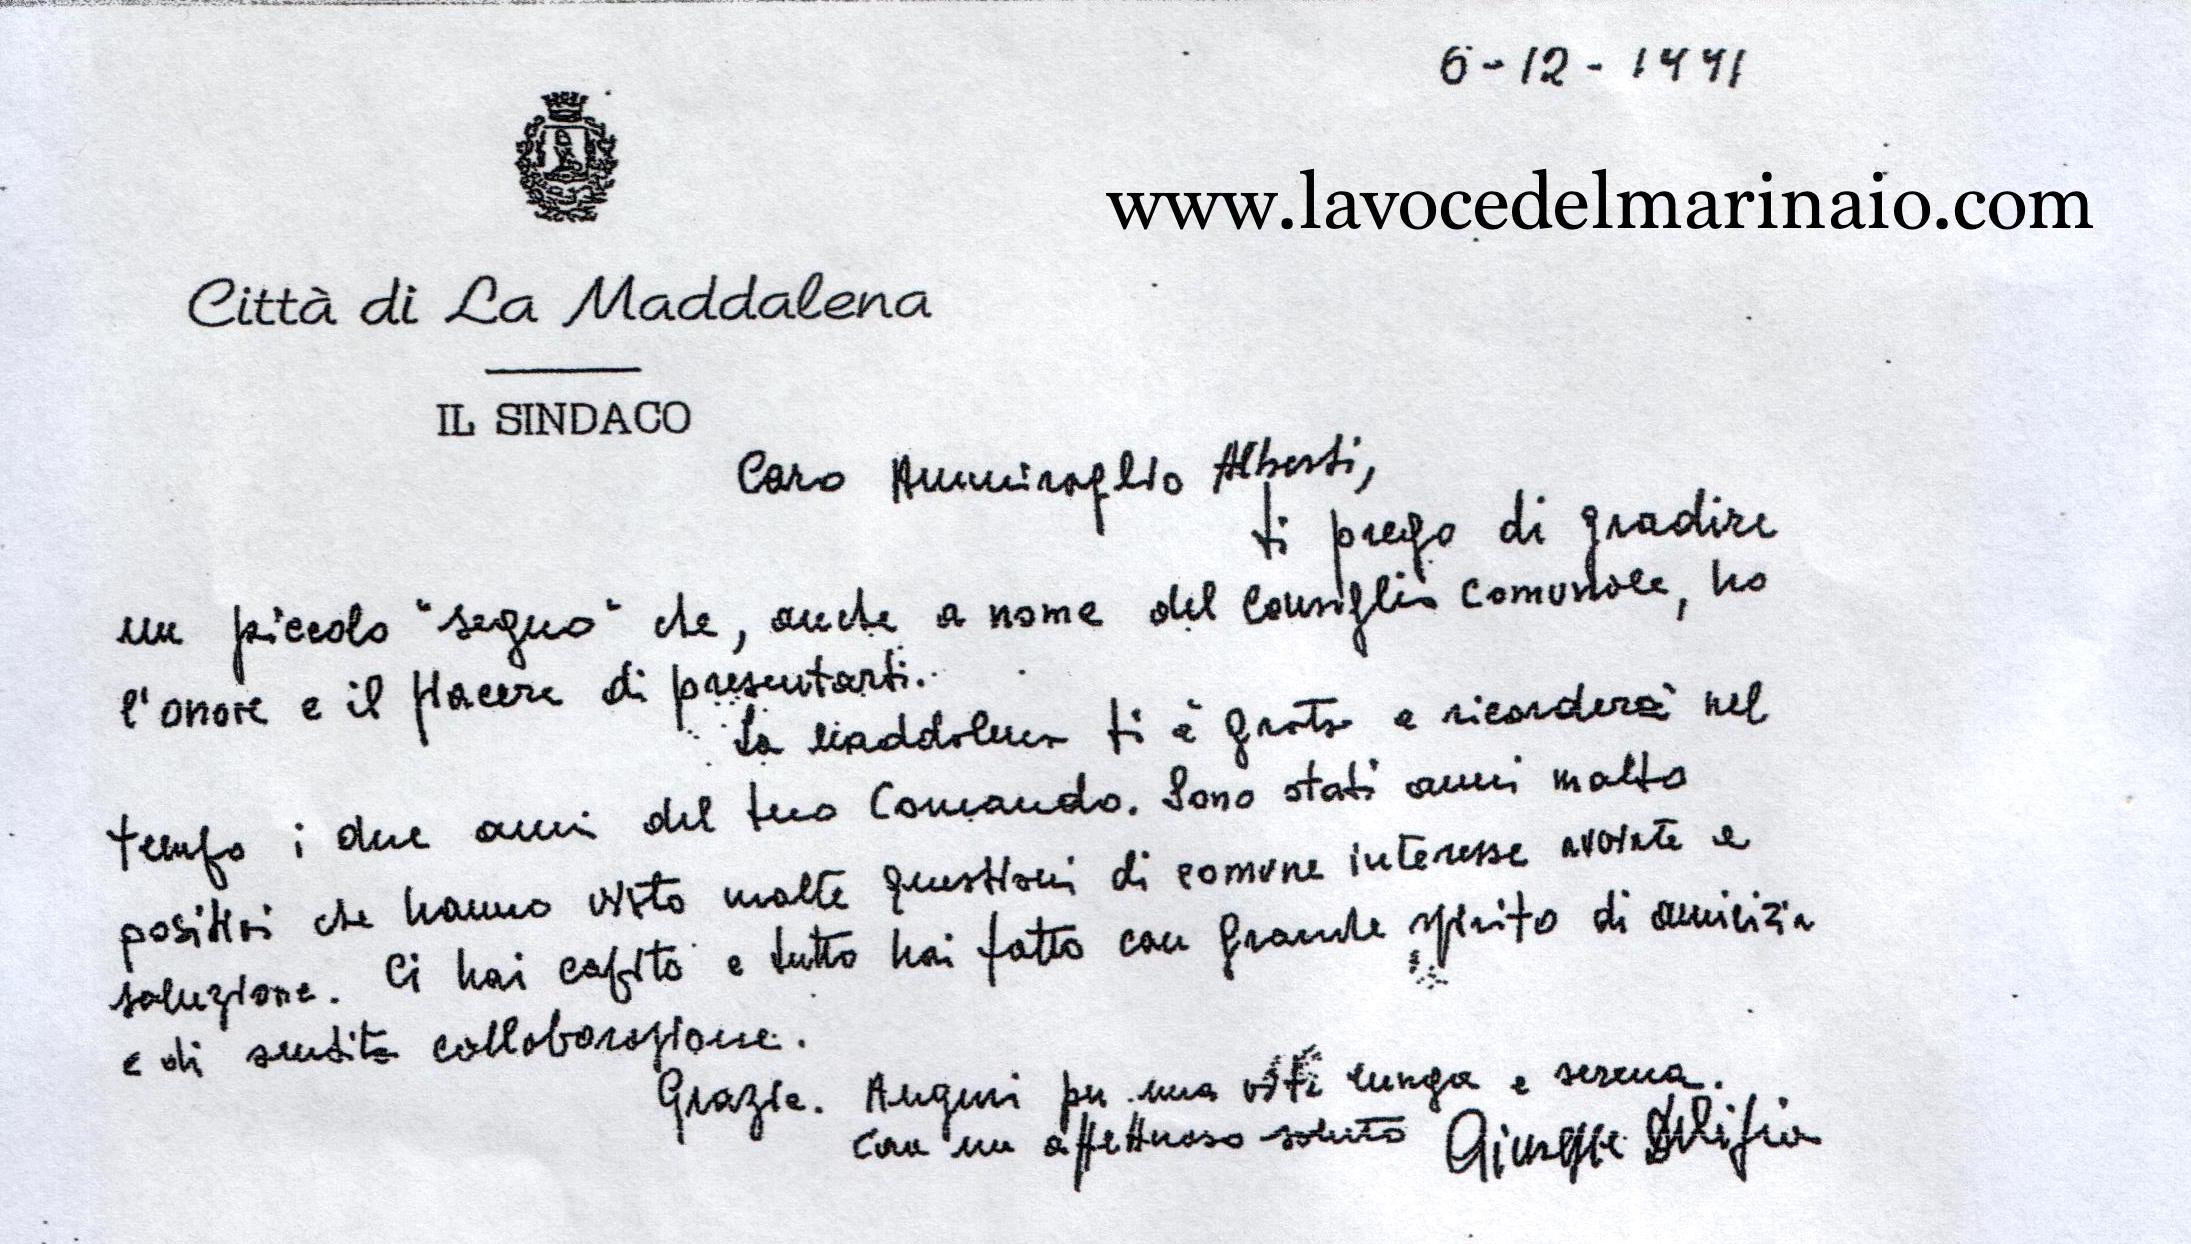 testimonianza del sindaco di La Maddalena - www.lavocedelmarinaio.com